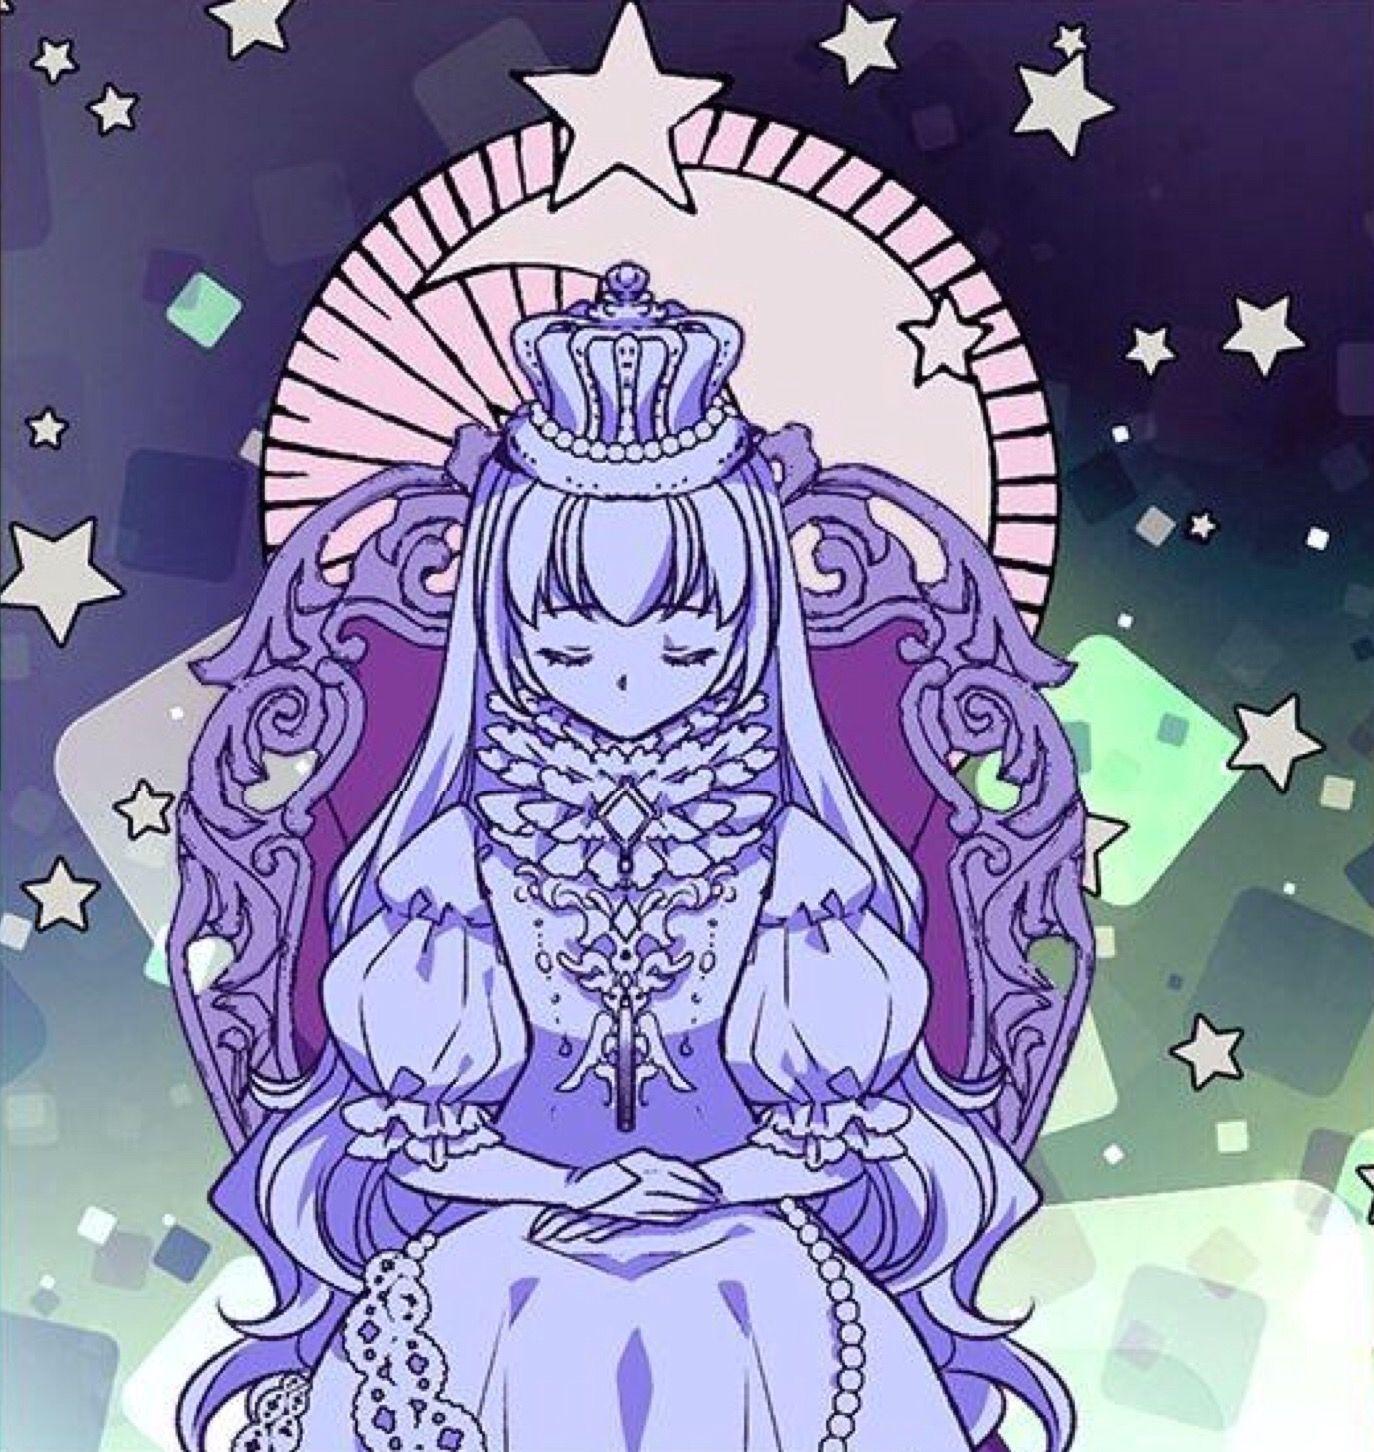 Anime Hình ảnh Của Kyara Putri Trên The Abandoned Empress